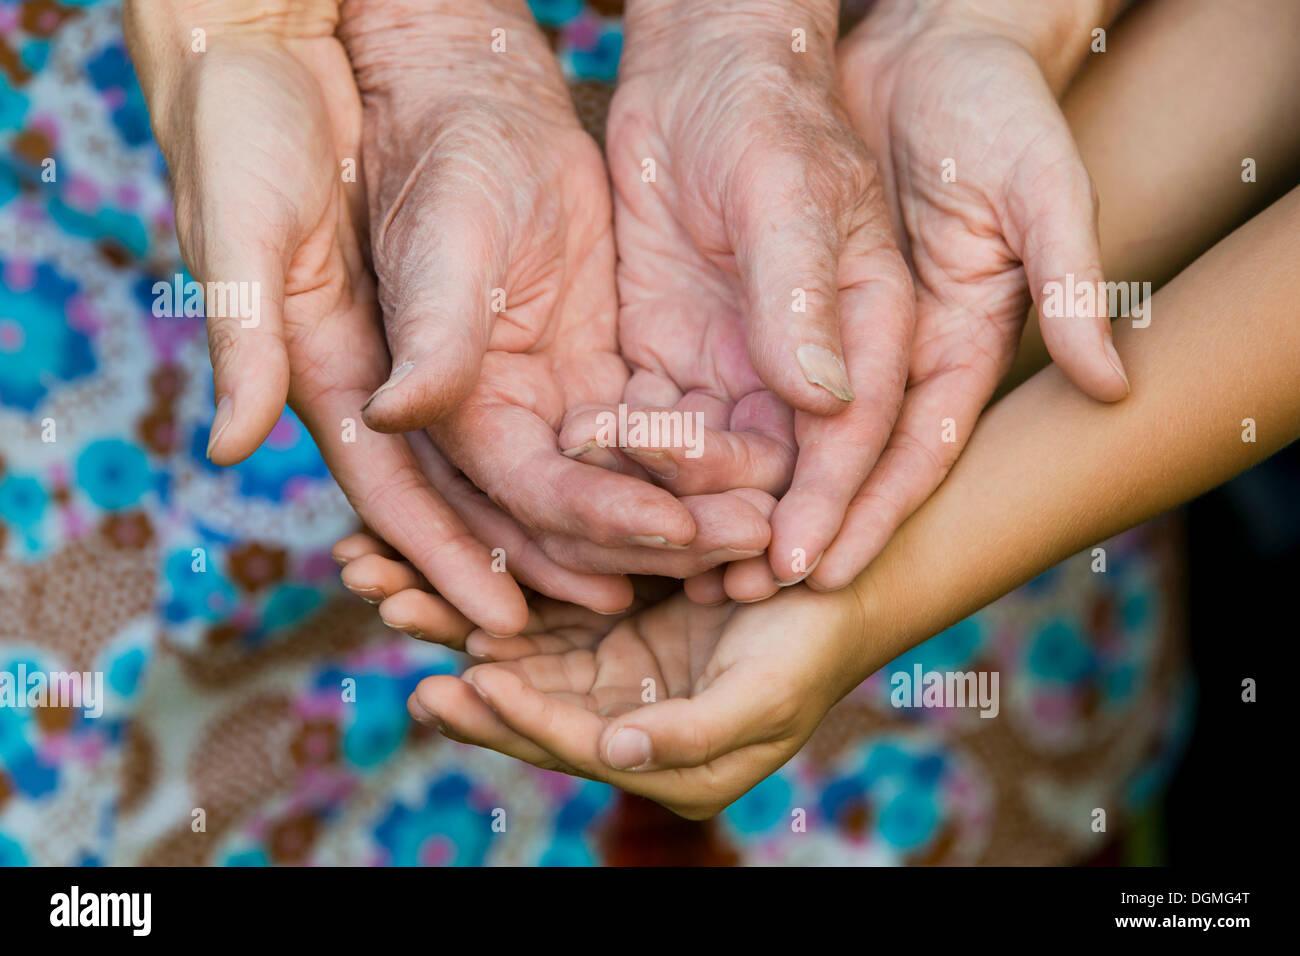 Le mani di un adulto, una donna anziana e un bambino Immagini Stock